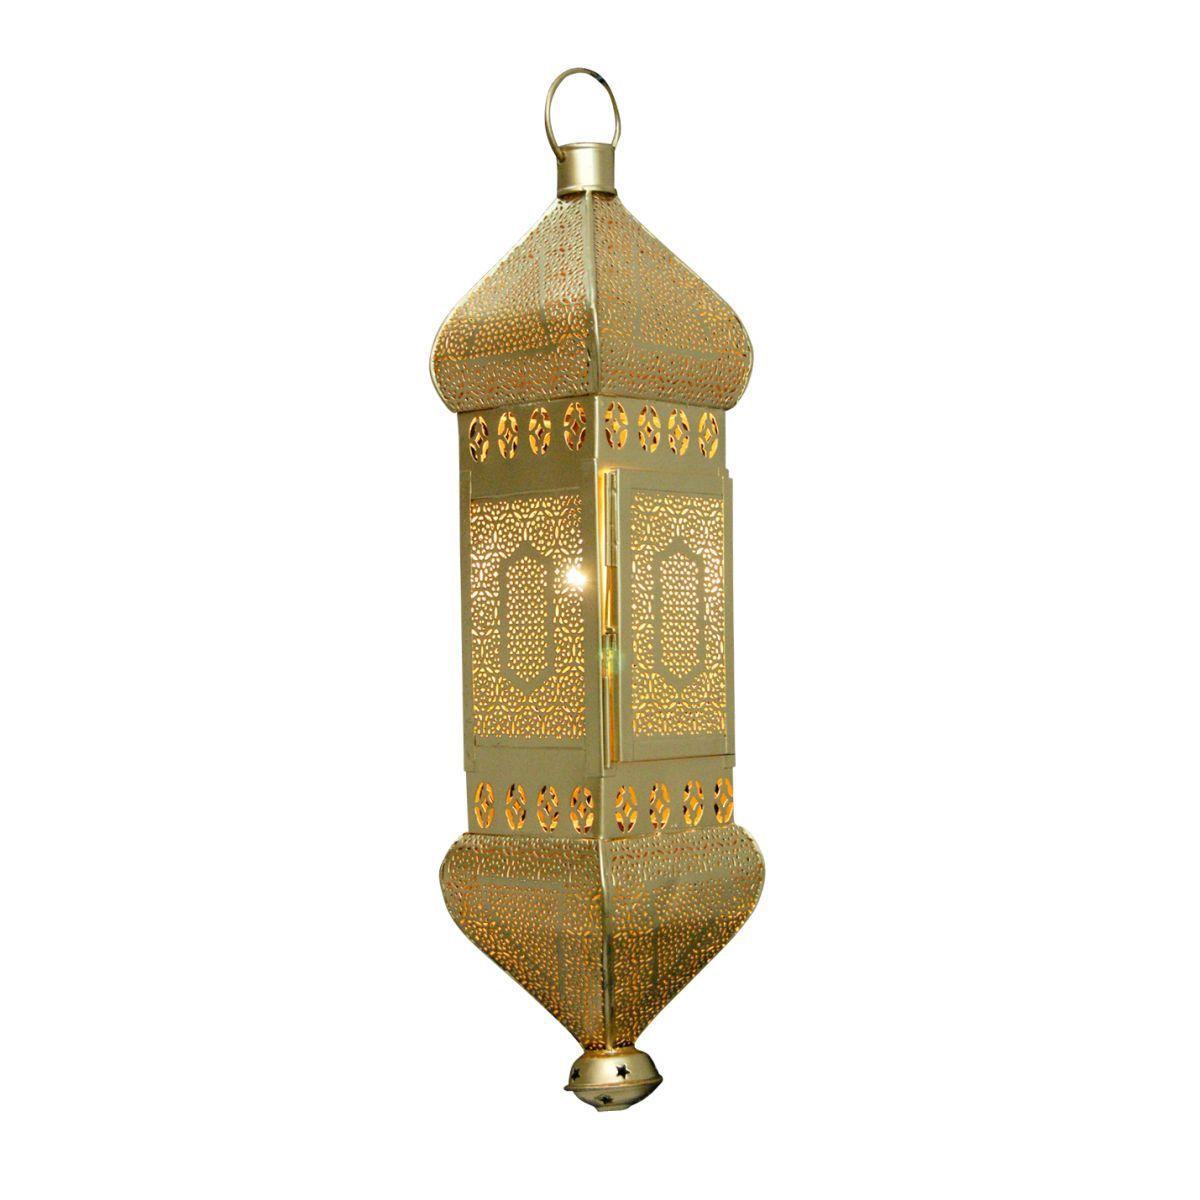 hanglamp oosters filigrain goud hg 48 cm br 12x12 cm